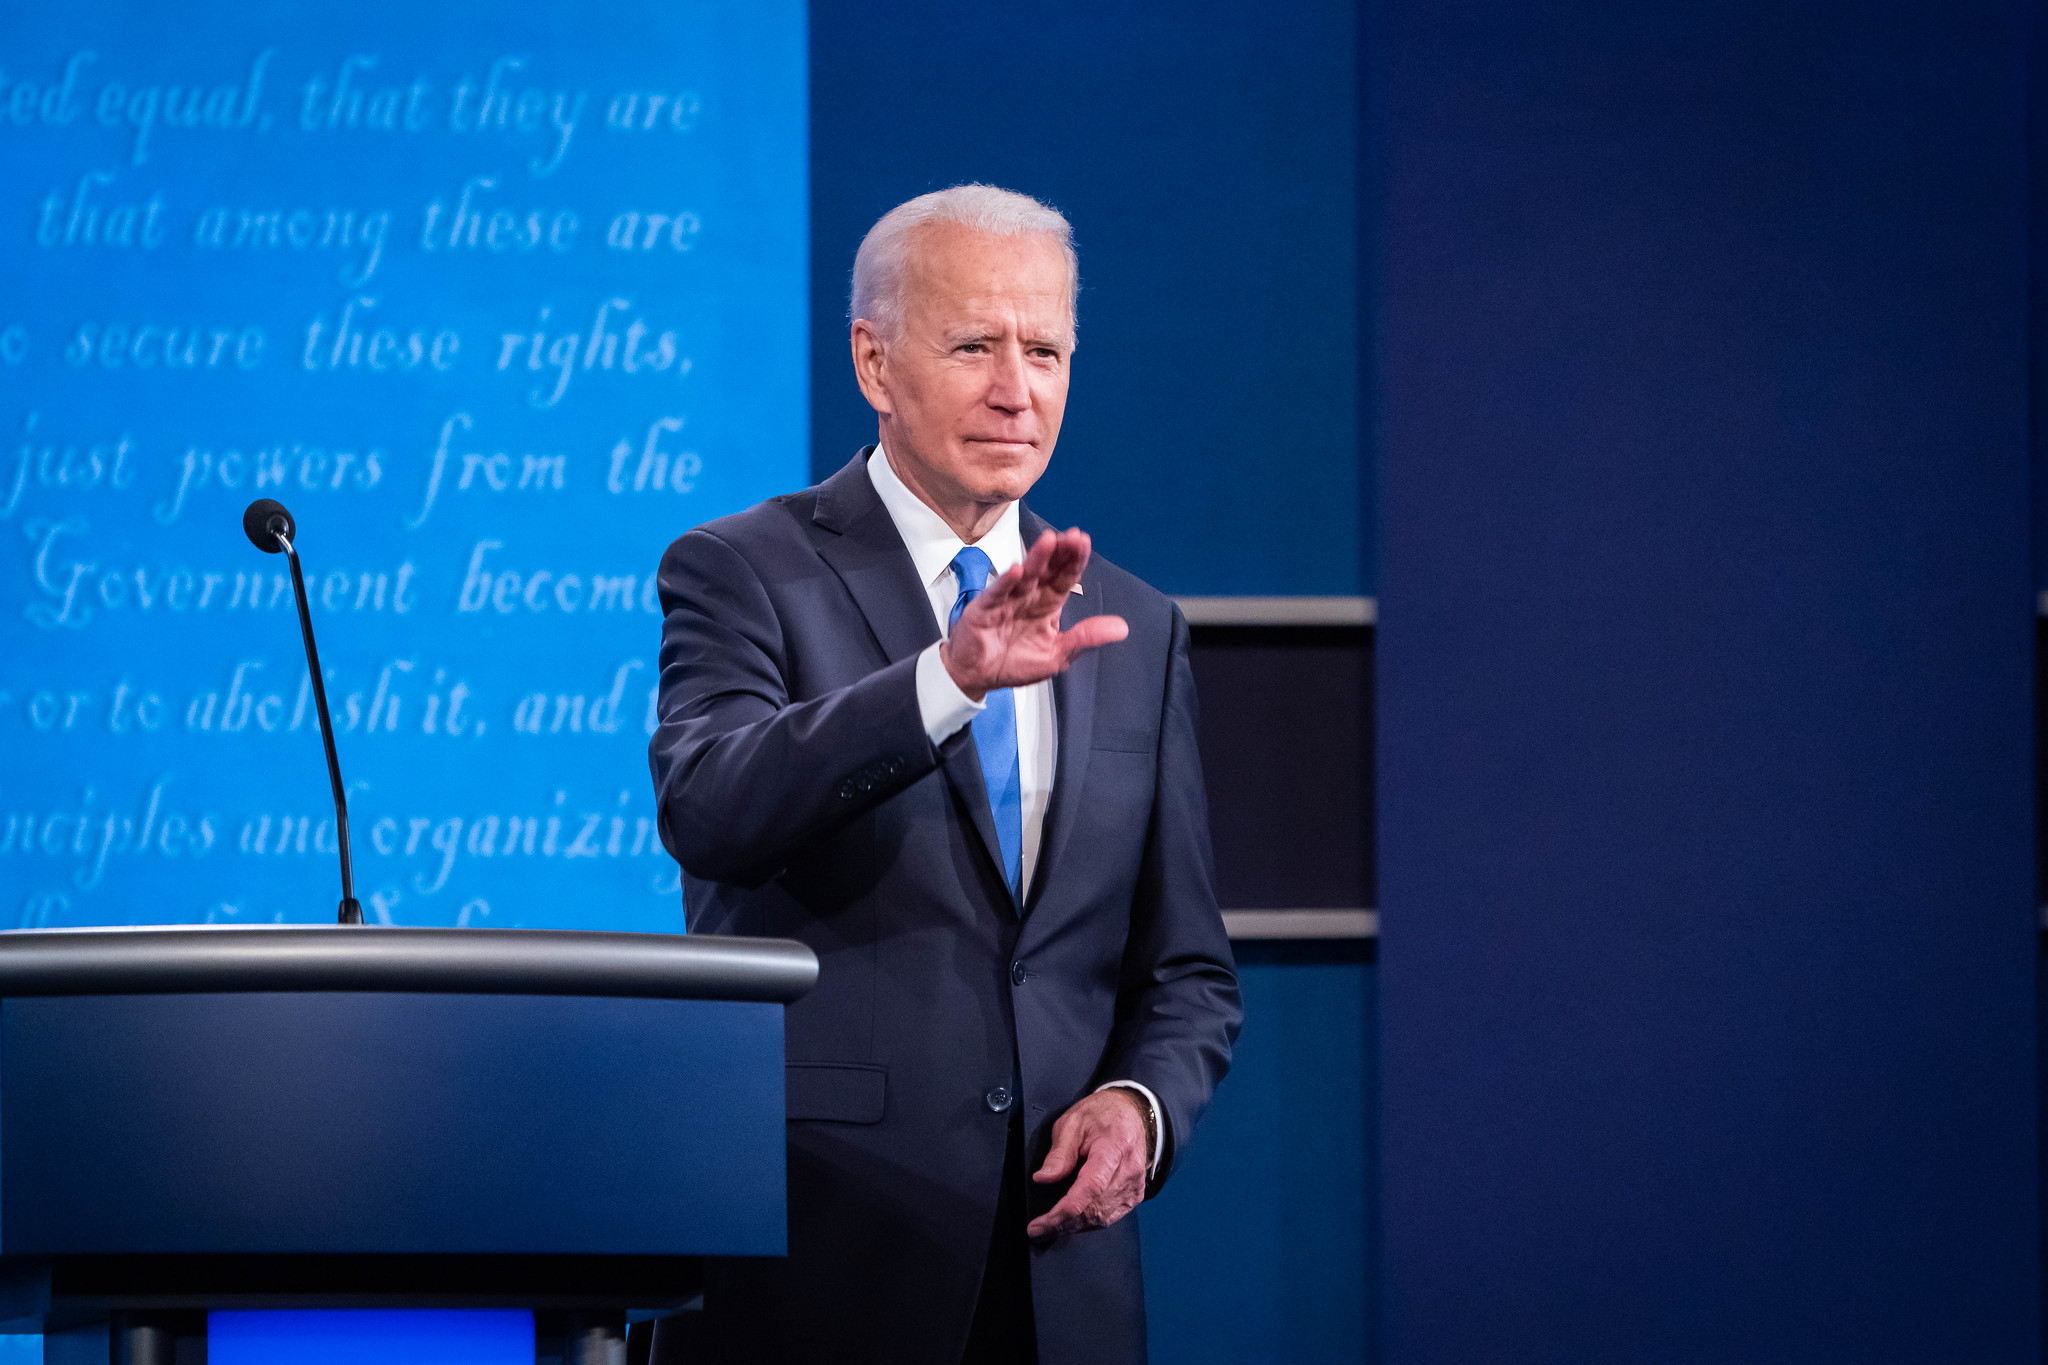 IMAGEM: Biden anuncia sanções contra militares de Mianmar após golpe